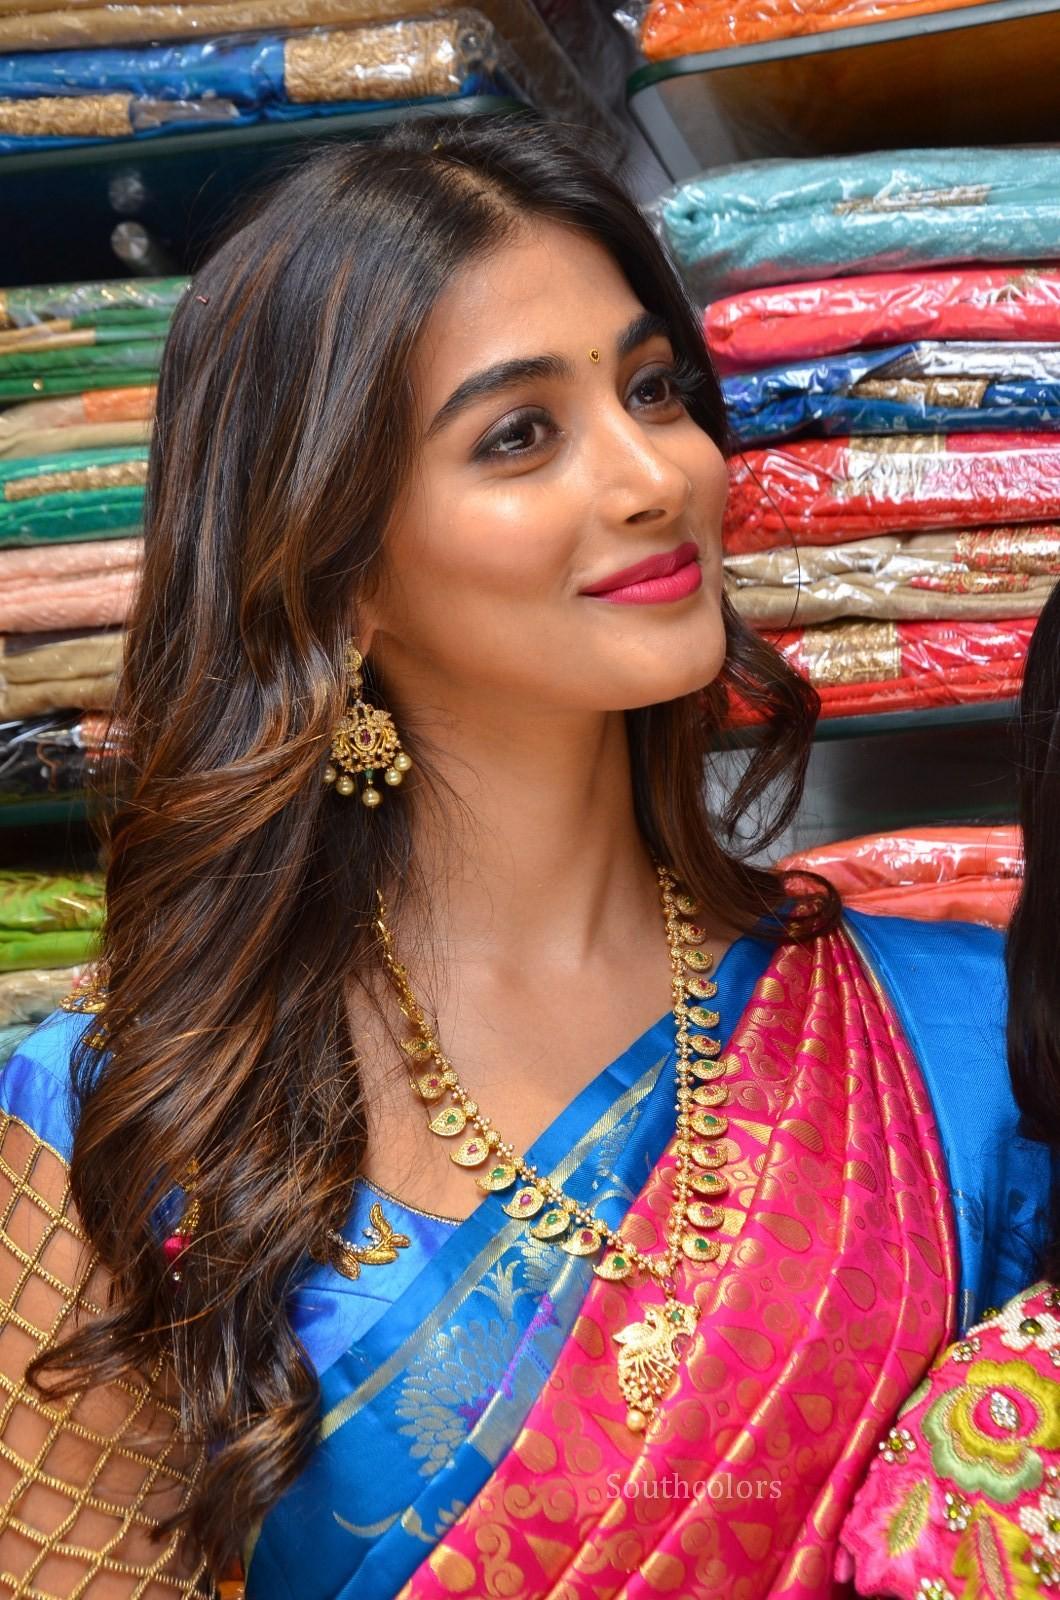 pooja hegde traditional saree photos southcolors 26